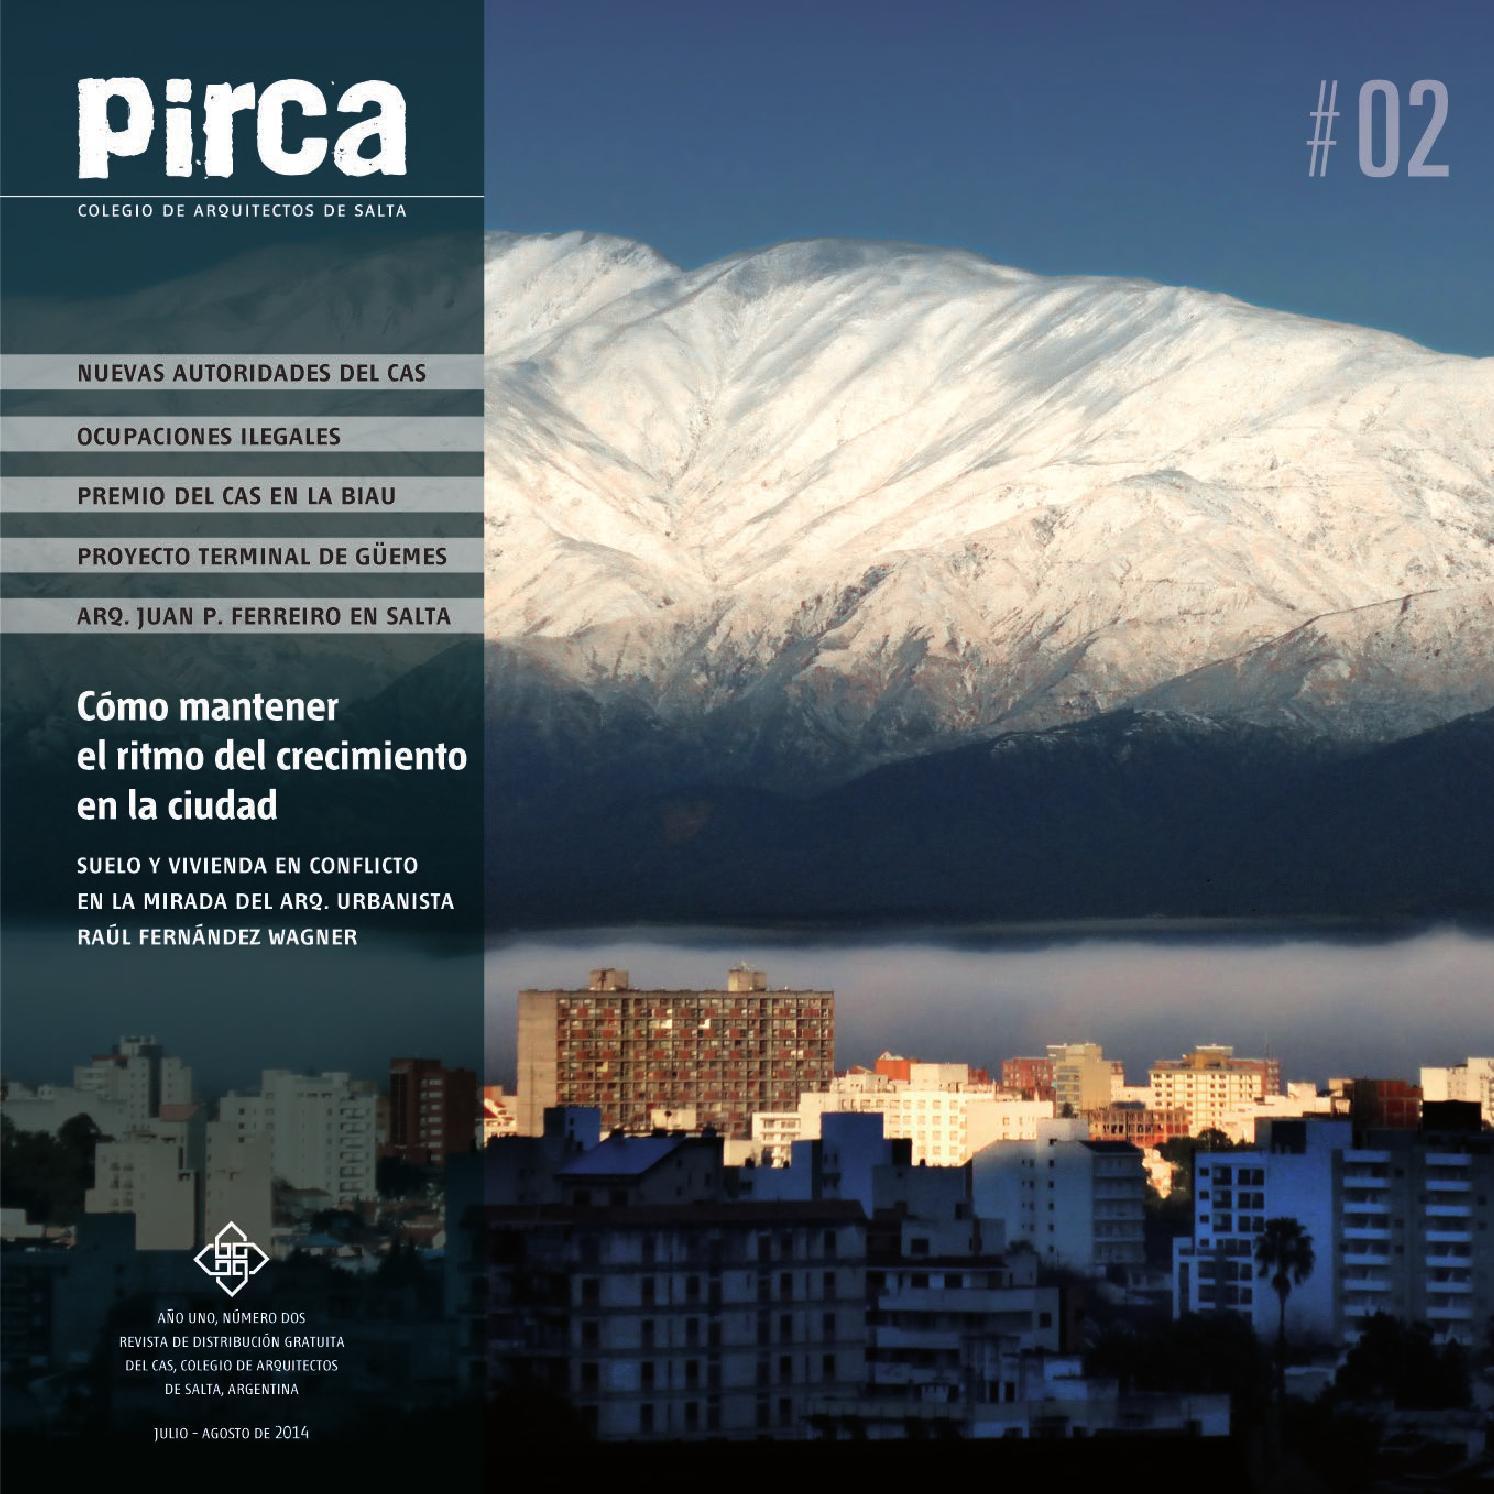 Pirca 02 colegio de arquitectos de salta by Colegio de Arquitectos ...